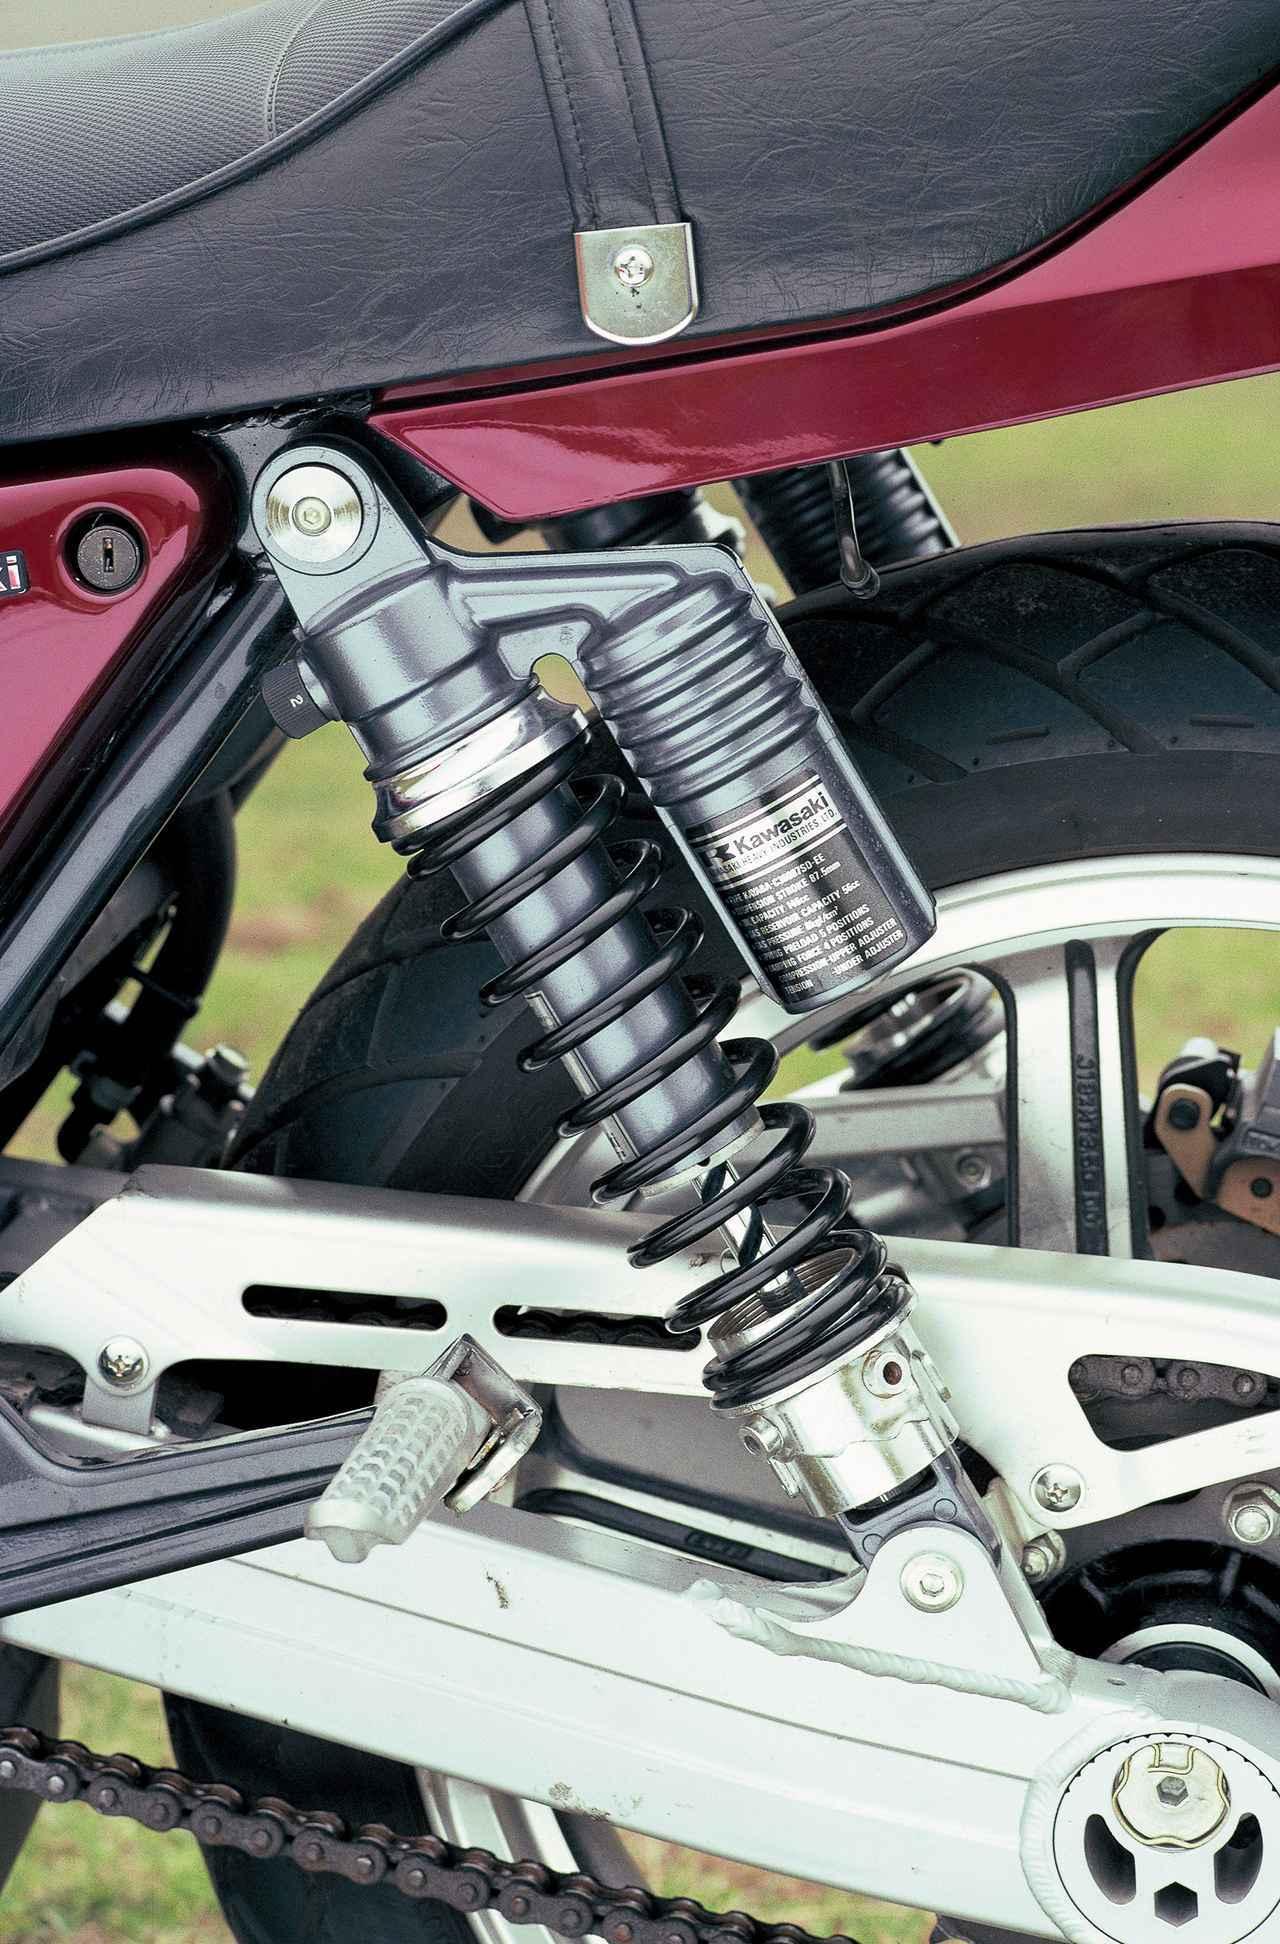 画像: リアサスは古典的なツインショックだが、アルミ製のスイングアームやレイダウンされたショックでスポーティな走りを狙う。